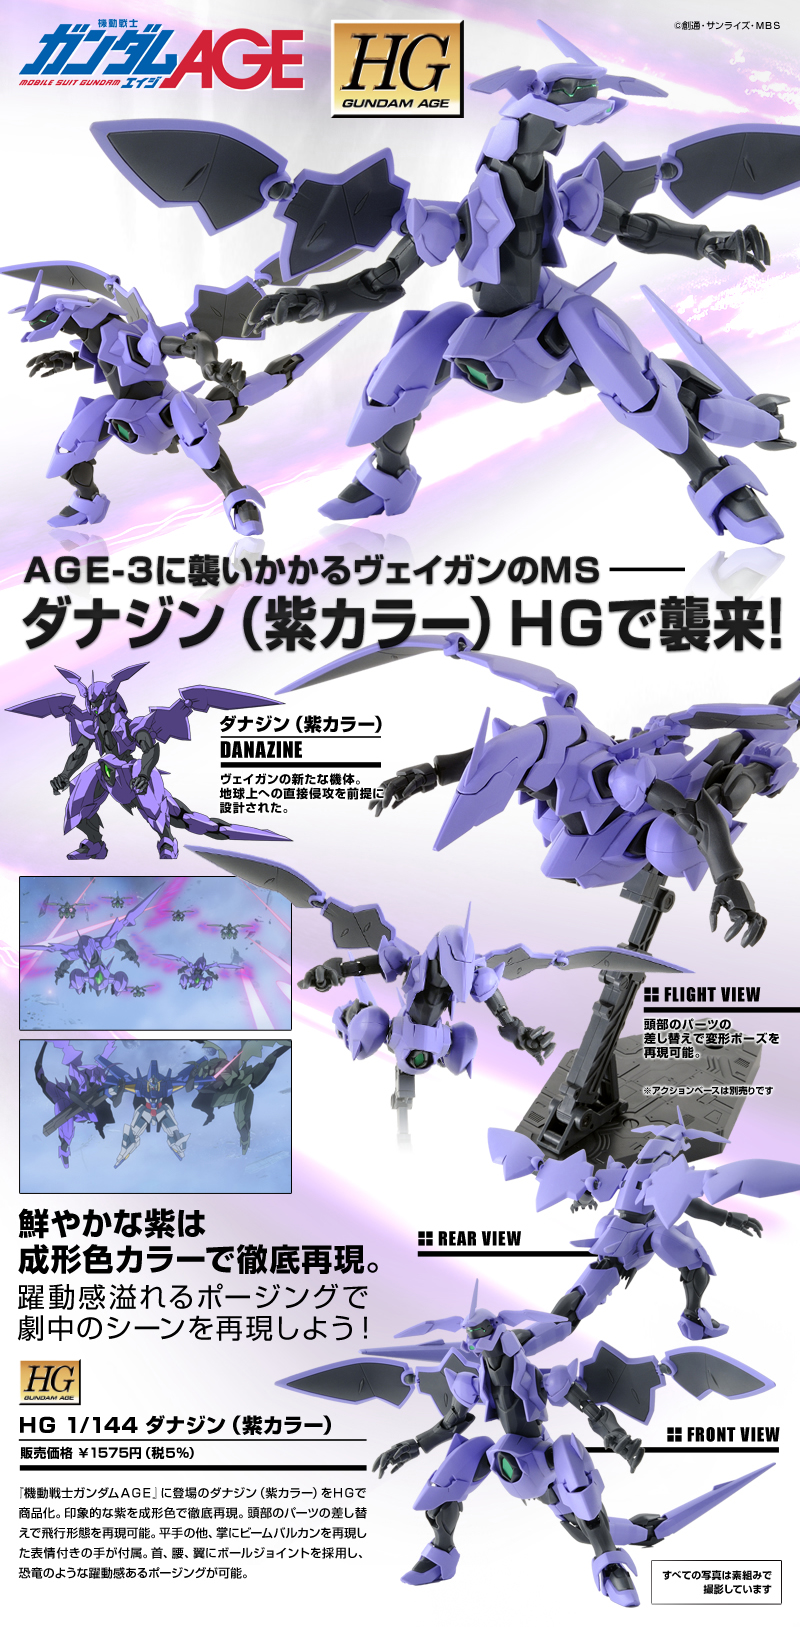 HG 1/144 ダナジン(紫カラー) 公式商品説明(画像)